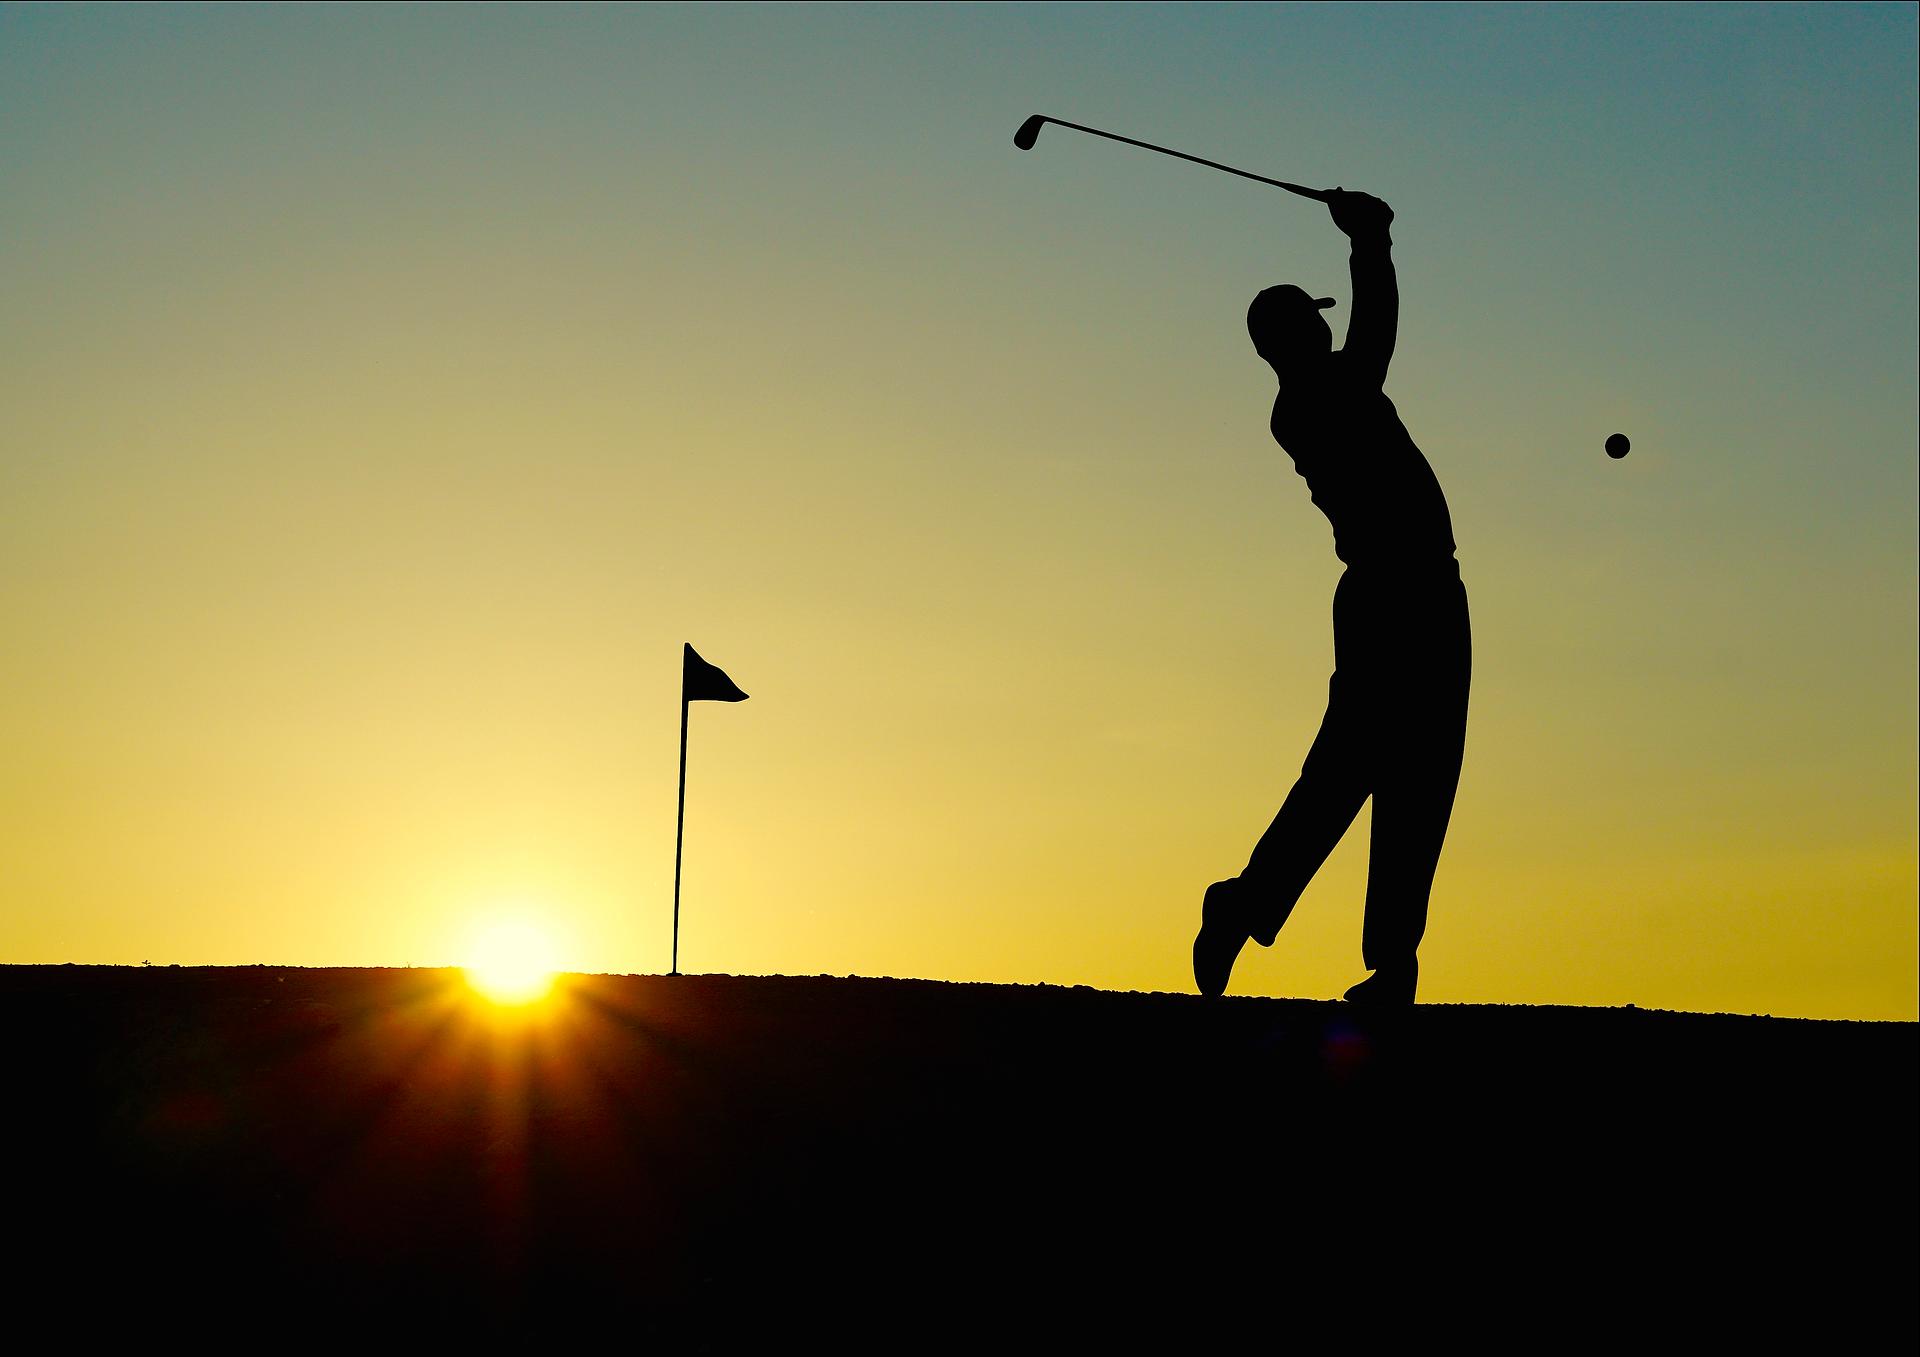 誰よりも早くゴルフ場に着いて練習する人はやや暗い人!